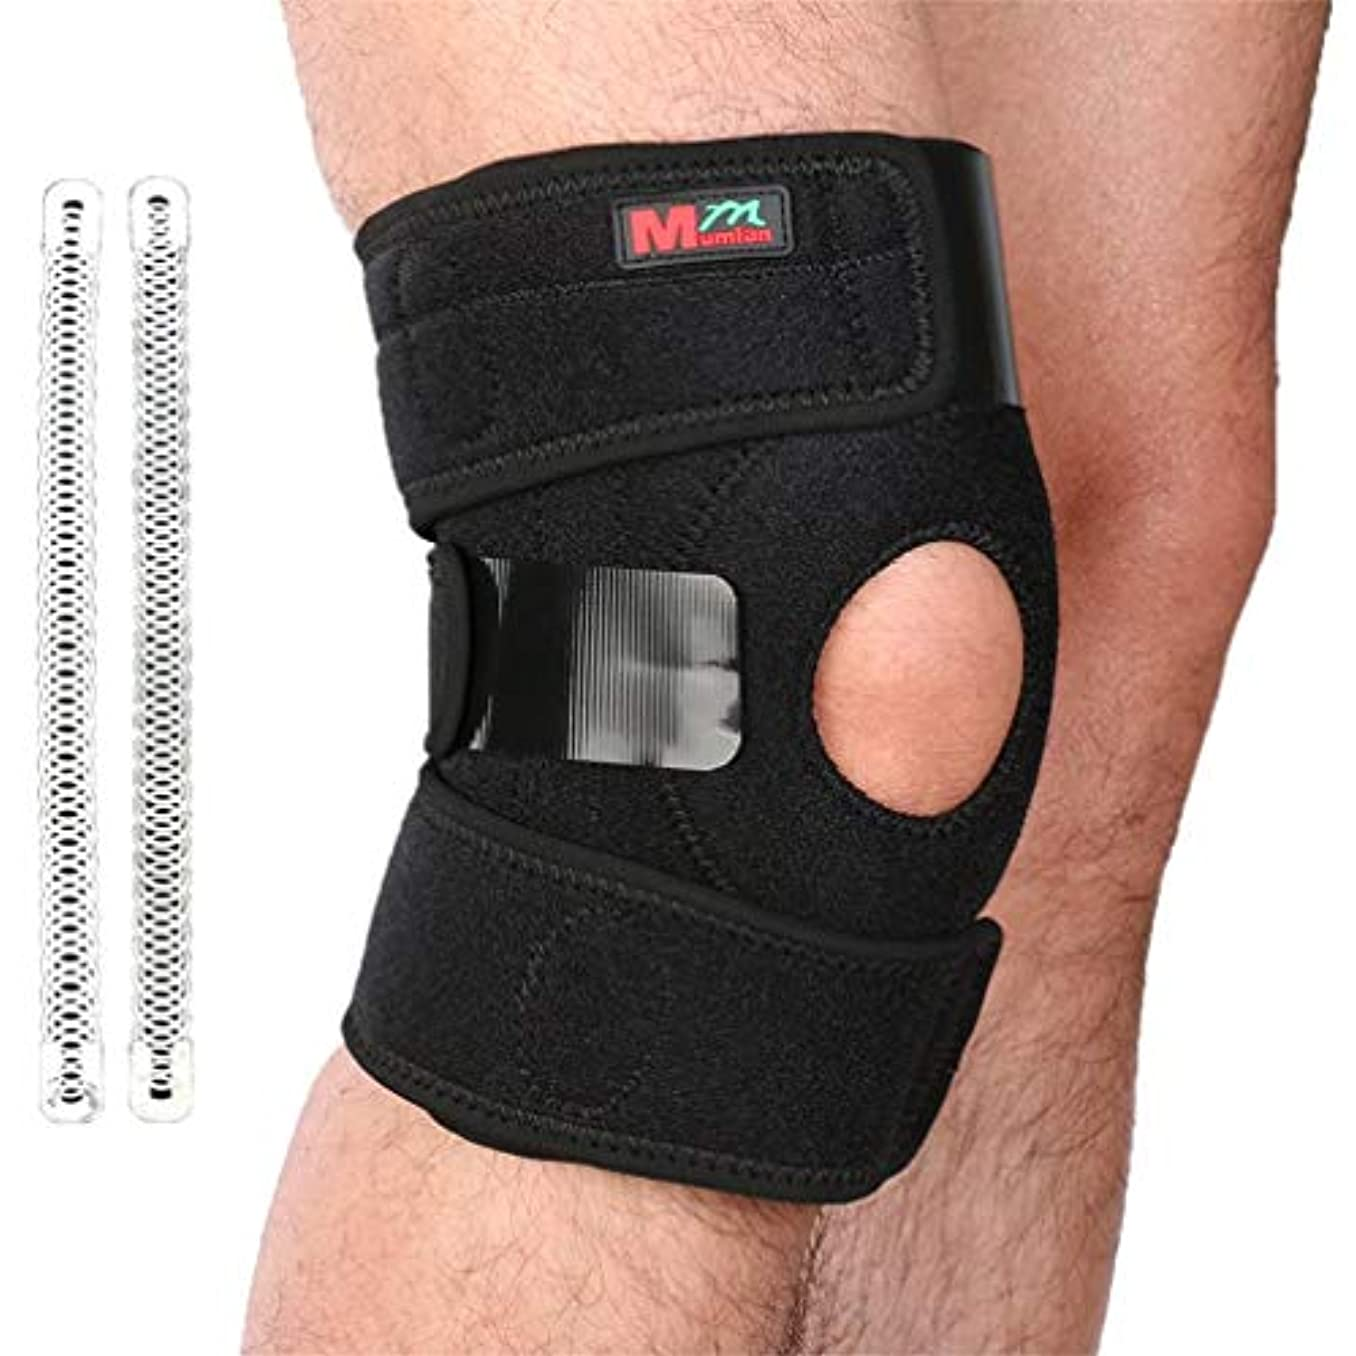 布不完全な歩き回る1PC膝プロテクター膝パッドシリコン弾性包帯デザイン膝サポート-Rustle666